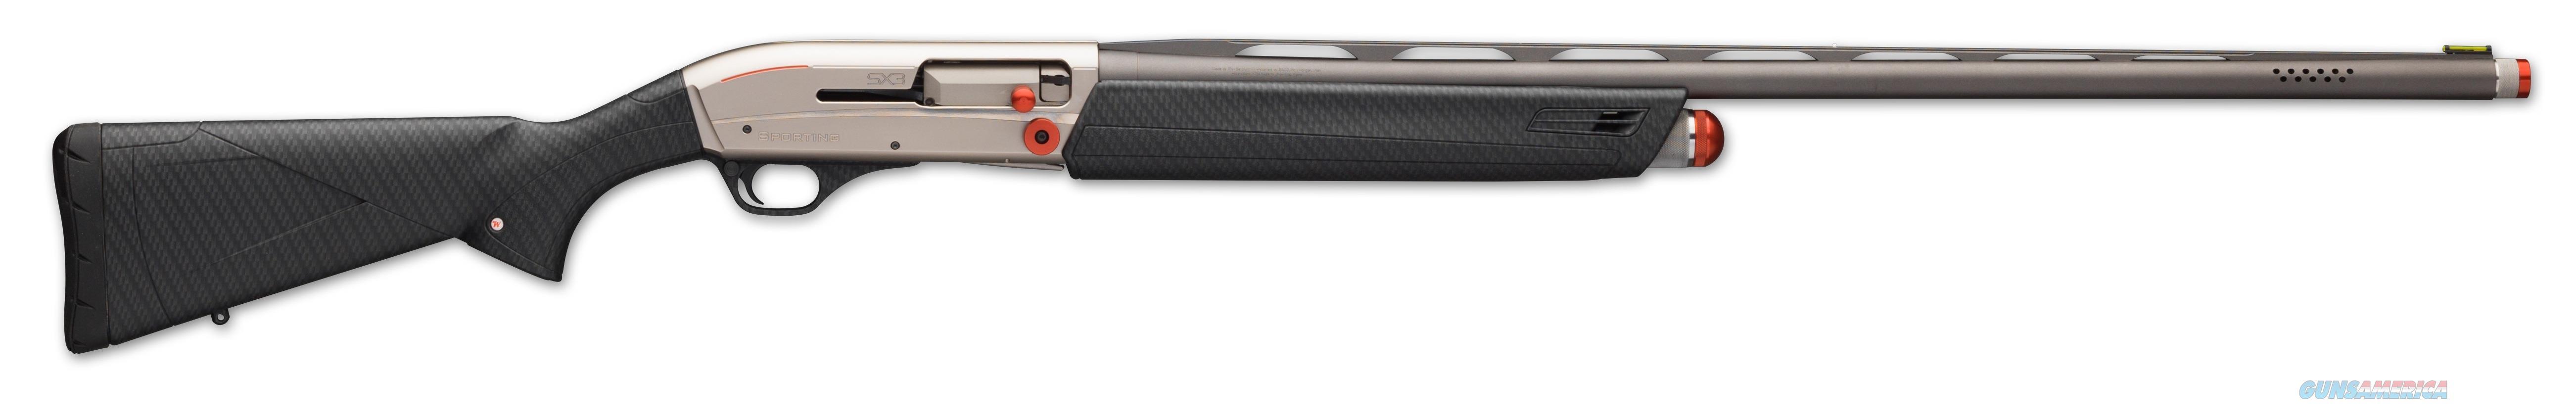 """Winchester SX3 Composite Sporting 12 Gauge 30"""" 511172393  Guns > Shotguns > Winchester Shotguns - Modern > Autoloaders > Trap/Skeet"""